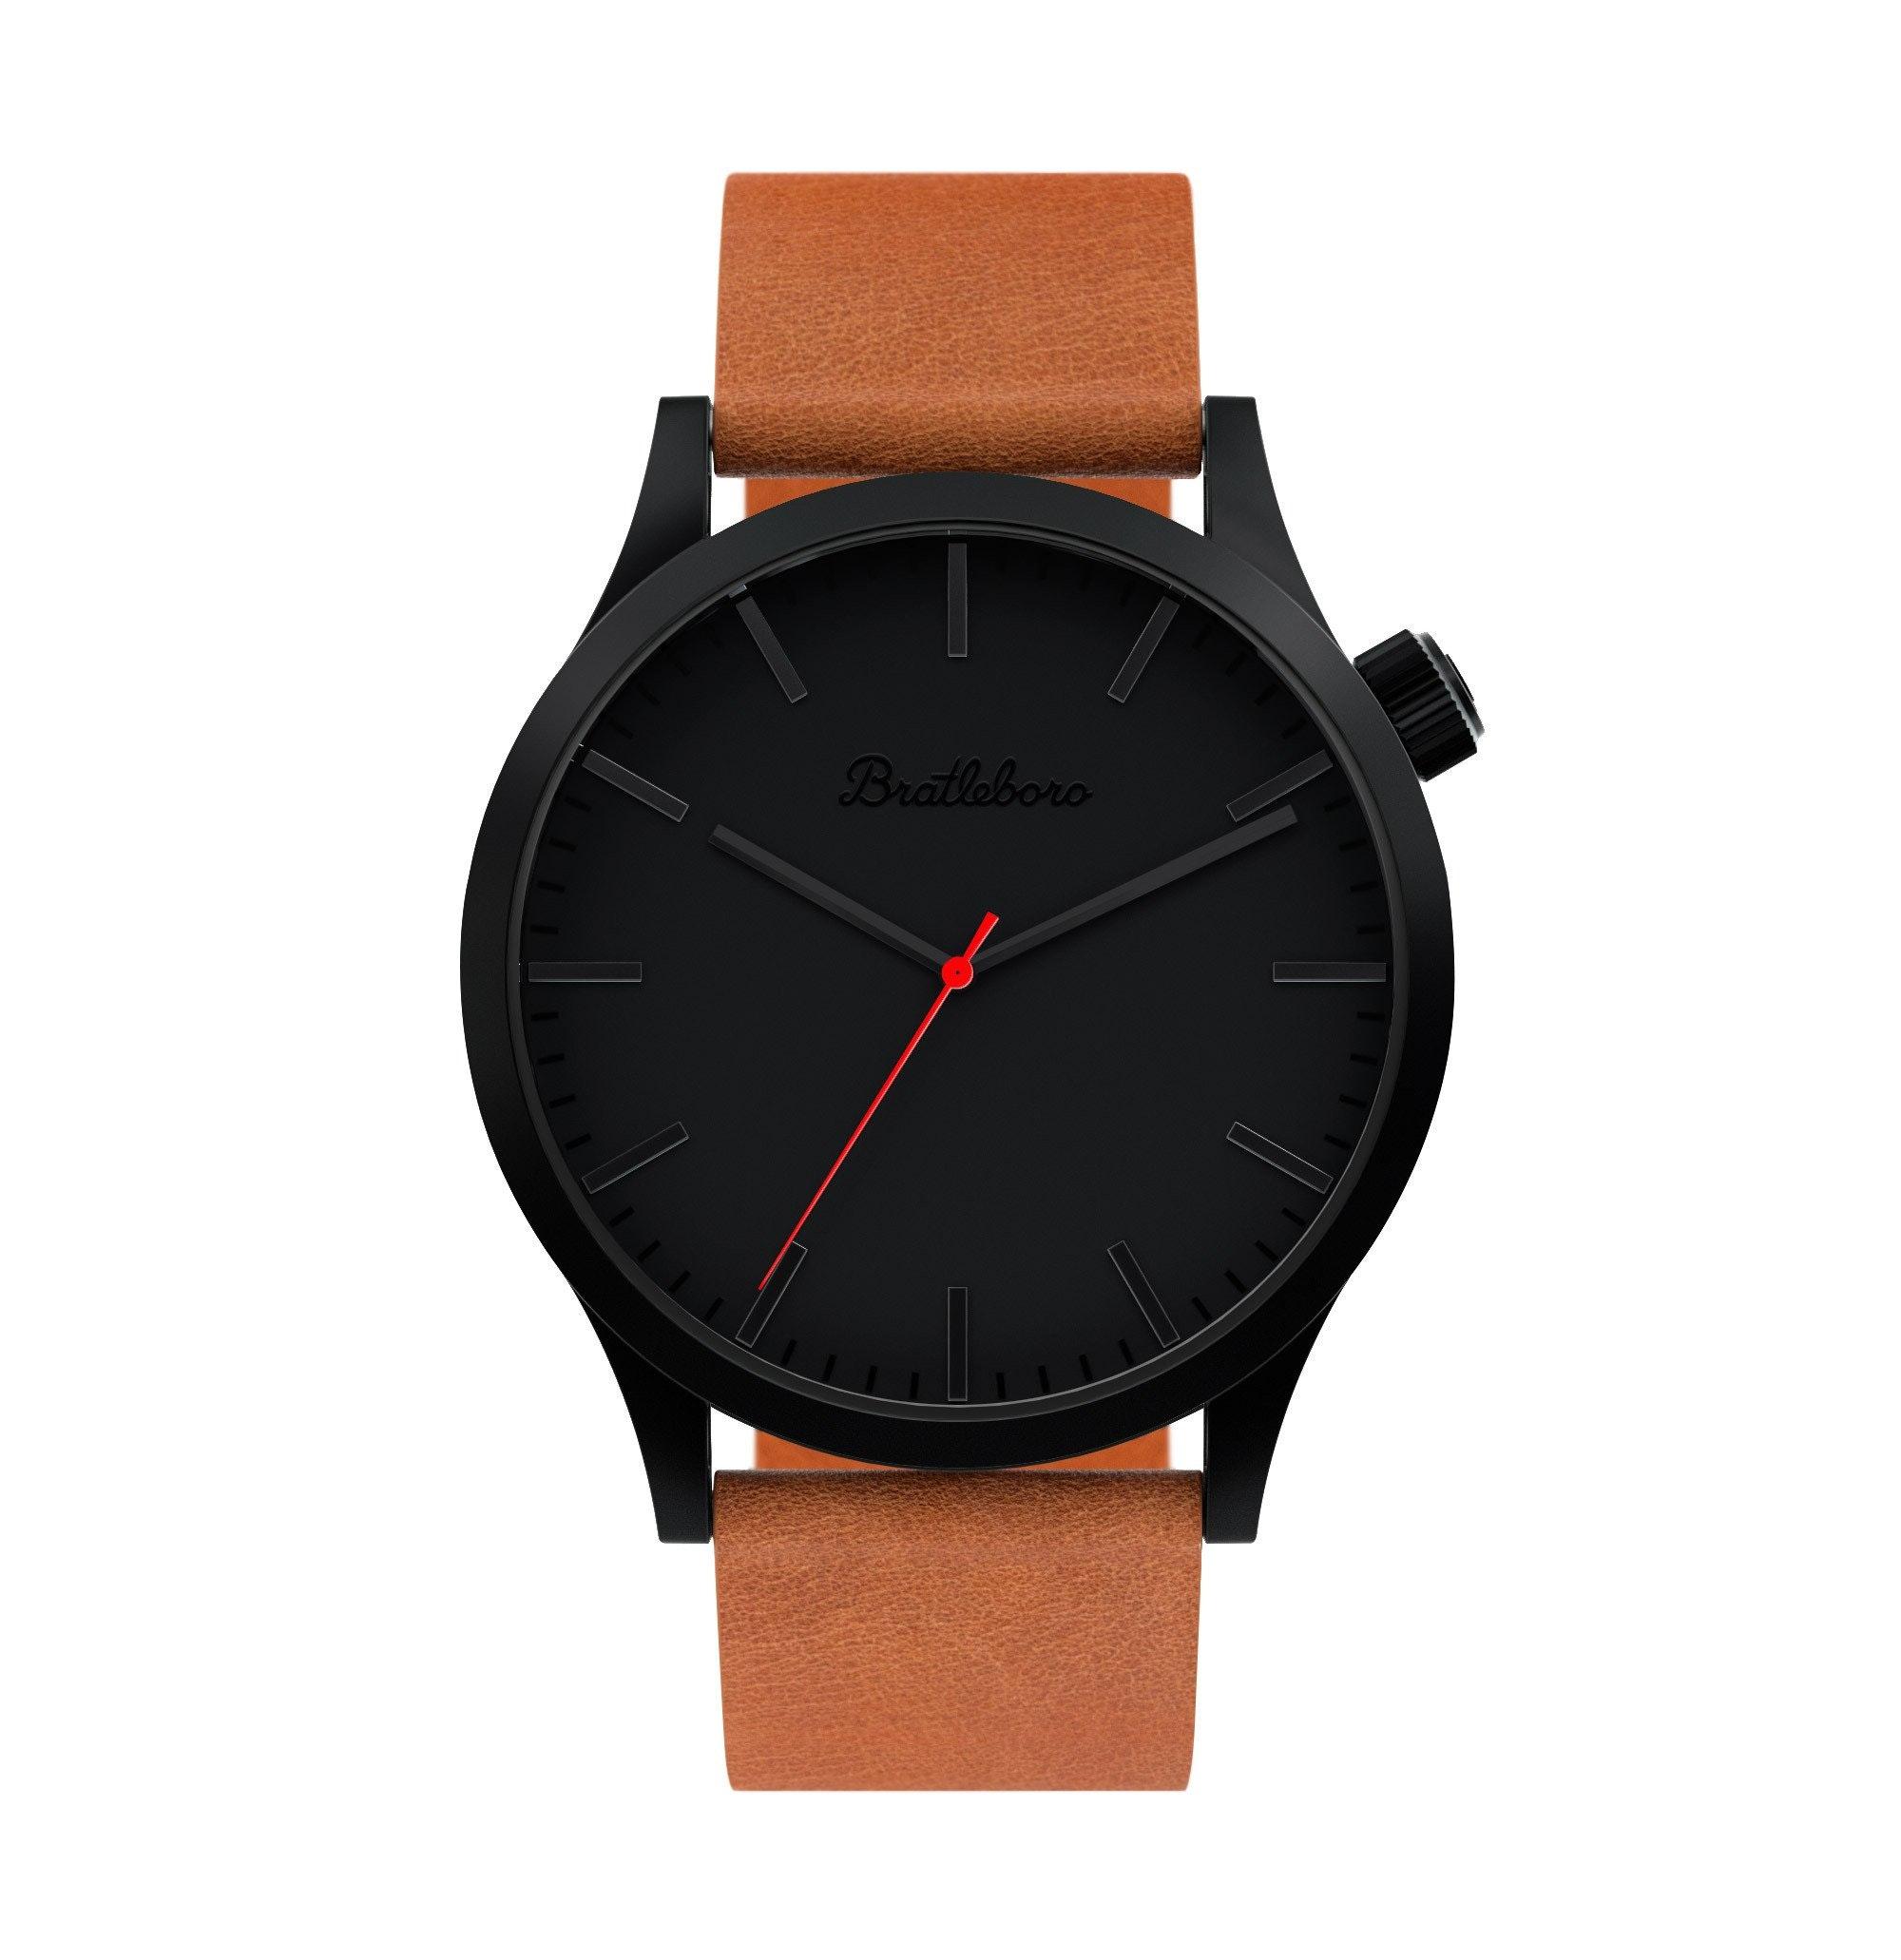 Reloj Hombre Bratleboro ORIGINAL con esfera negra y correa de piel